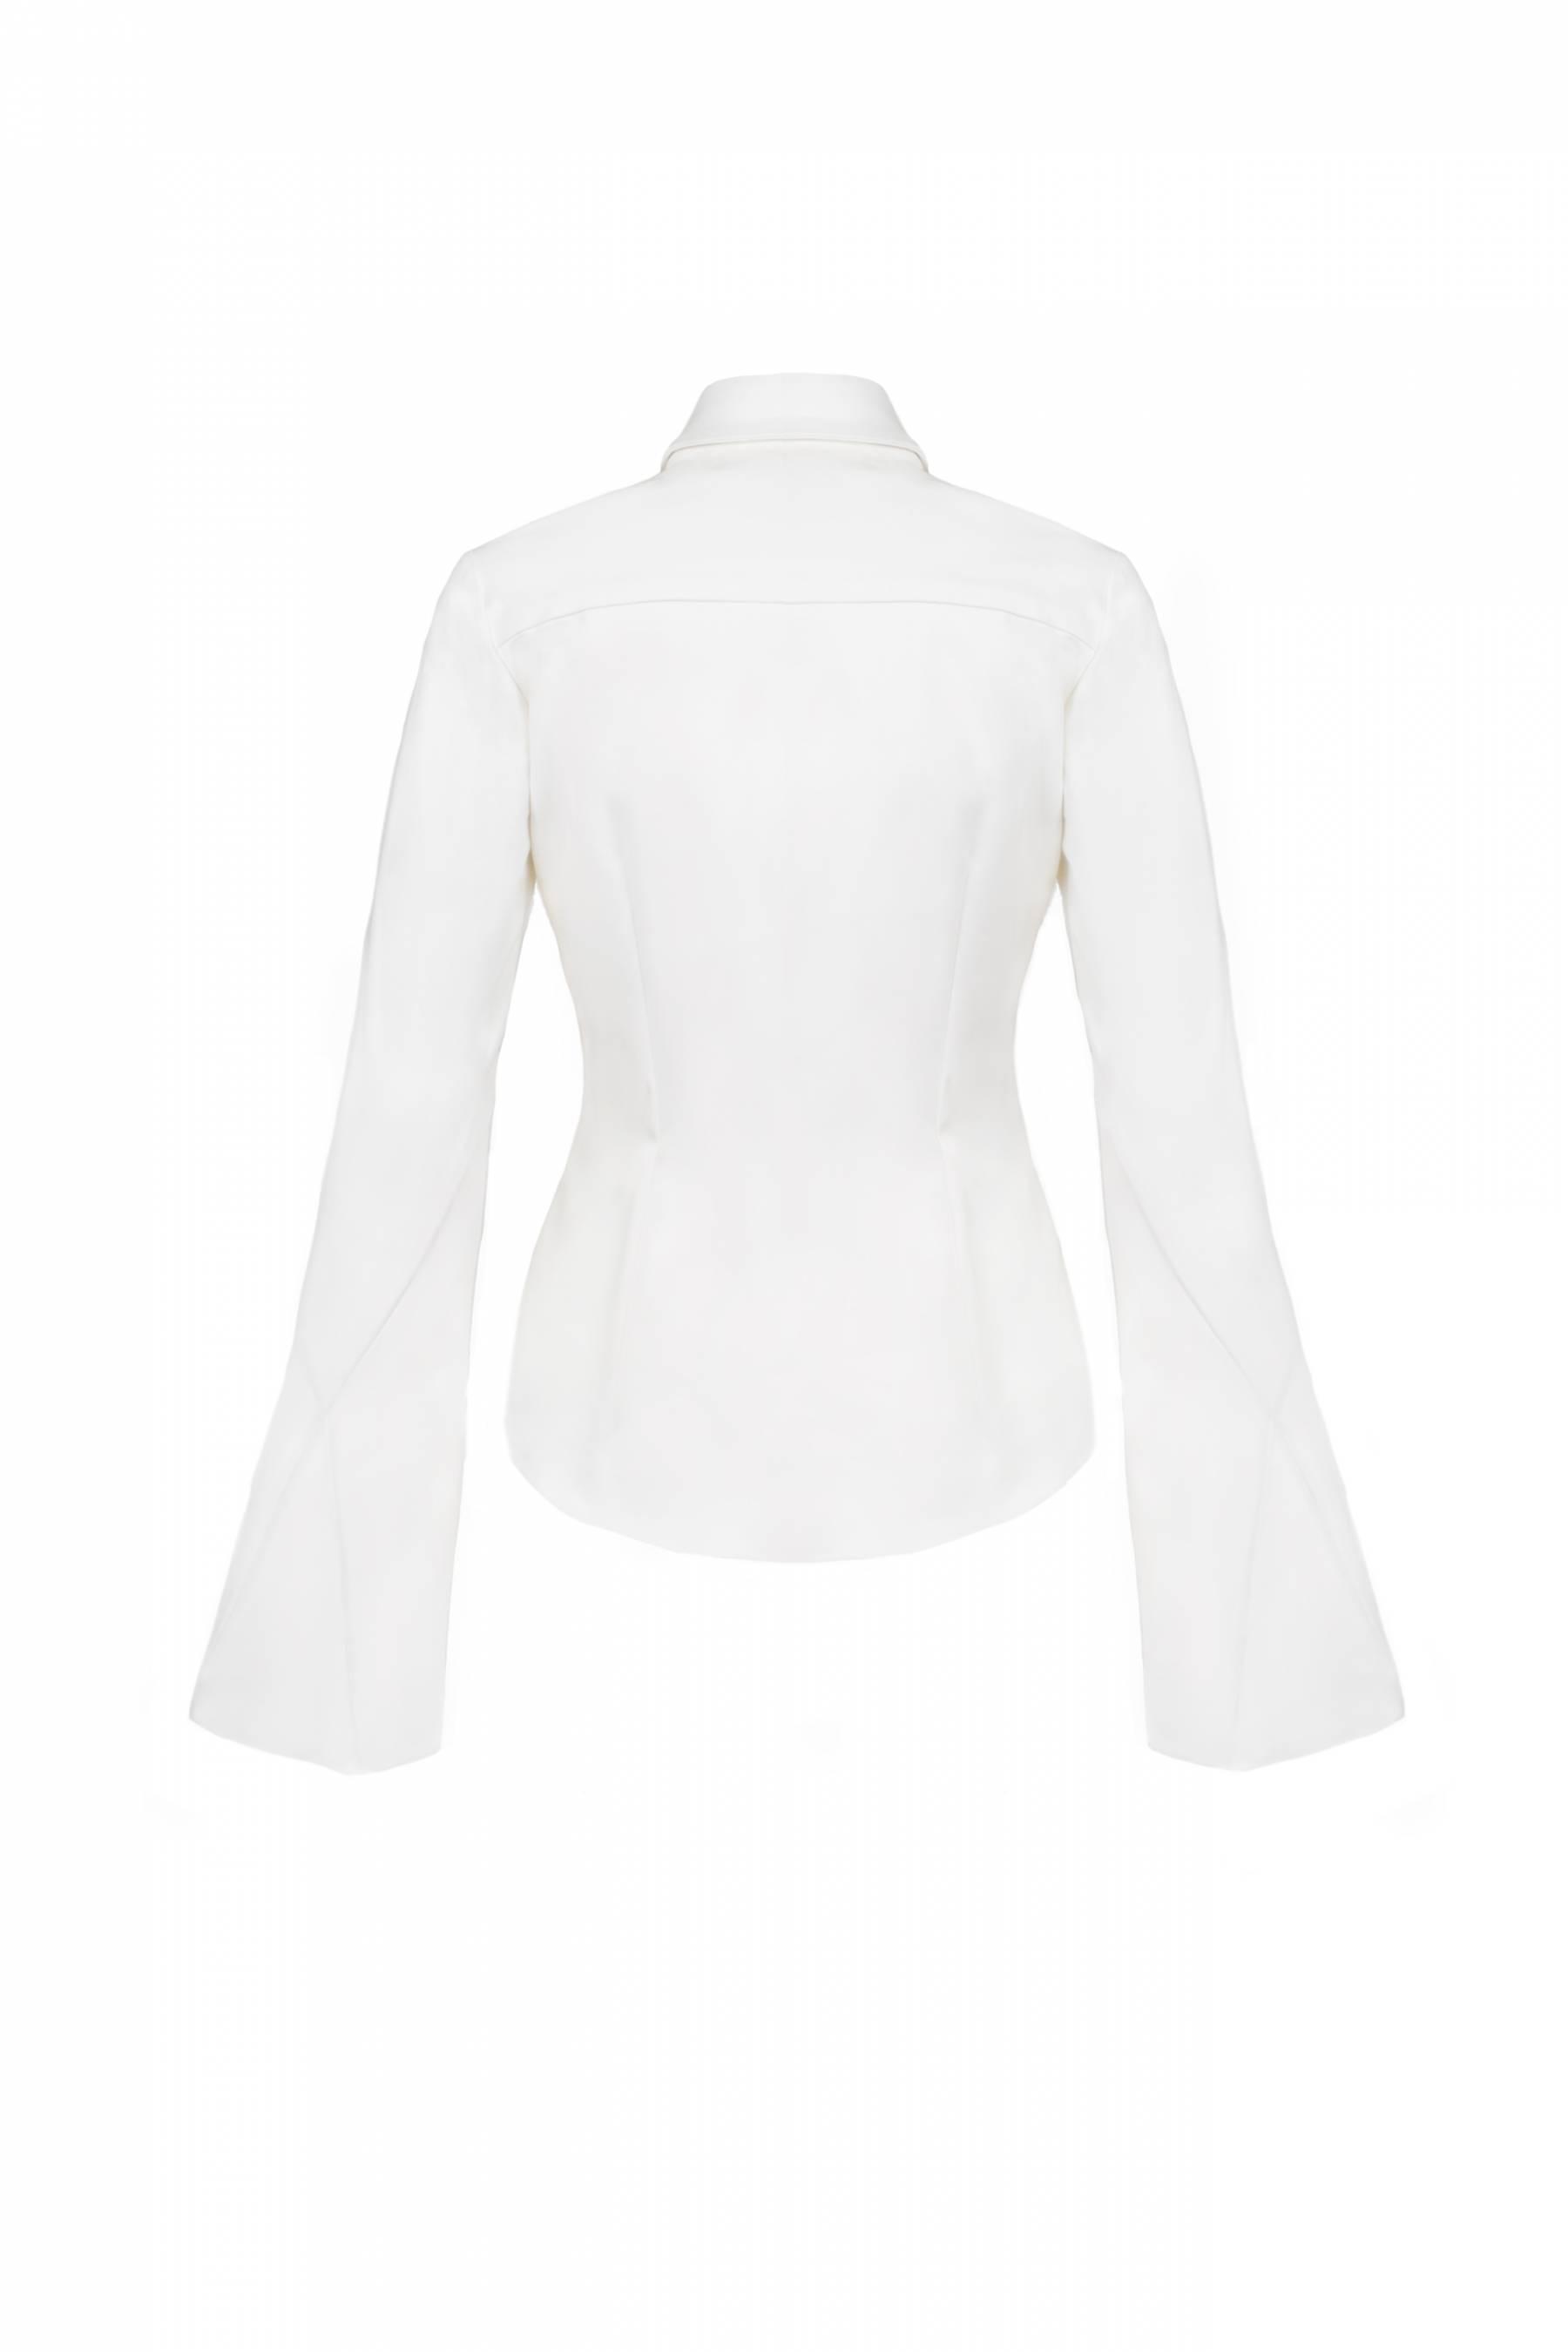 Classic White Shirt2